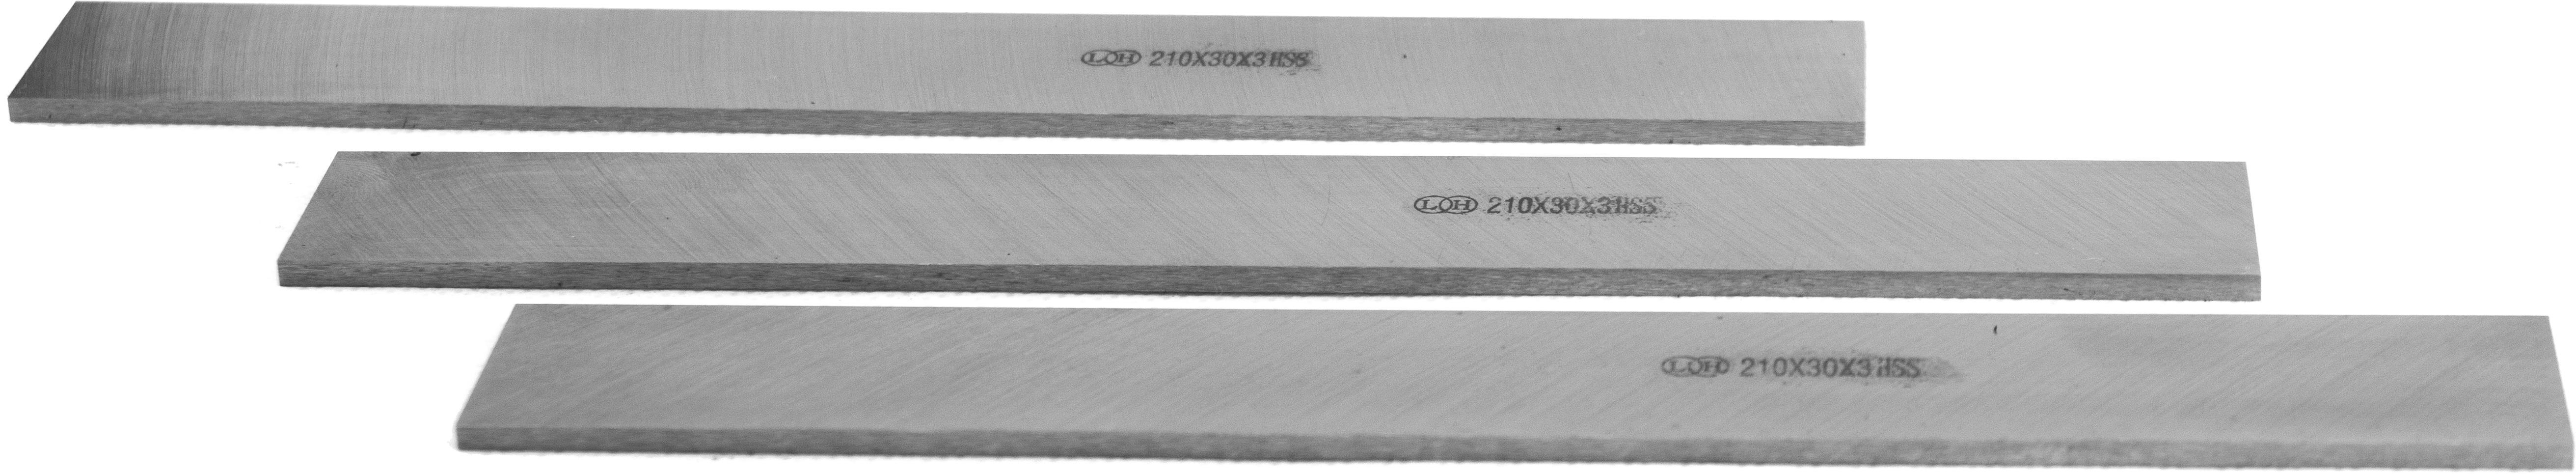 Набор ножей Proma 35210002 набор ножей proma 25500033